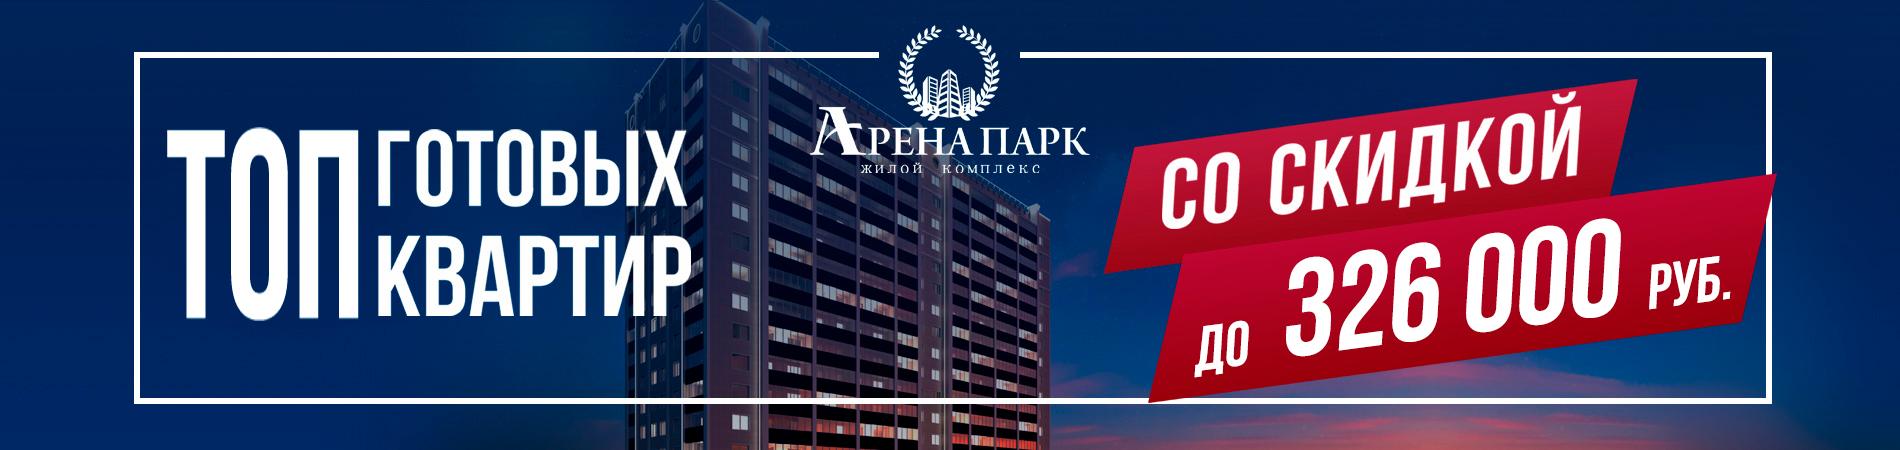 ТОП готовых квартиры со скидкой до 326 000 рублей! в Капитал Инвест